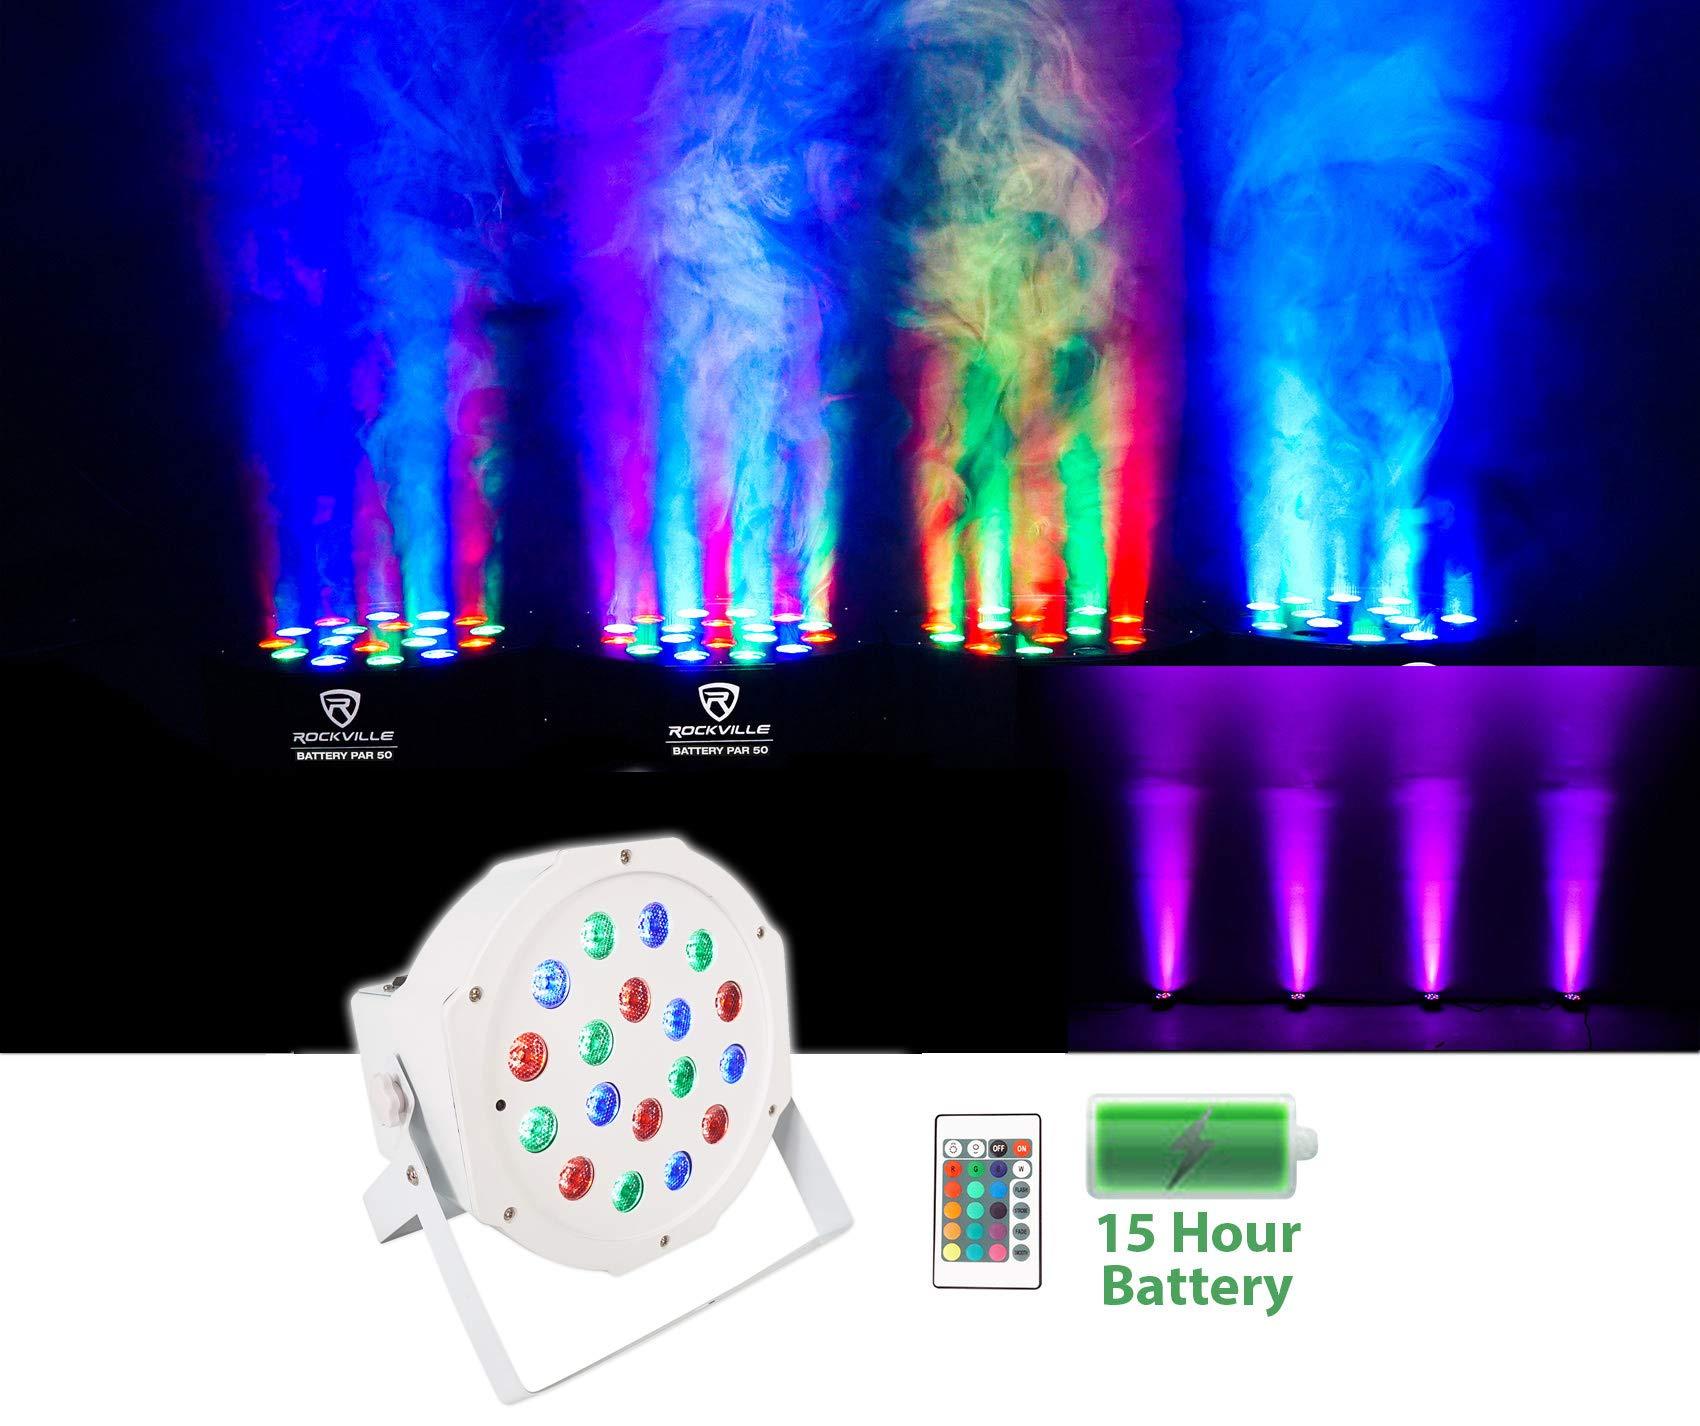 Rockville Battery PAR 50 White Rechargeable LED DMX DJ Club Wash Up-Light+Remote